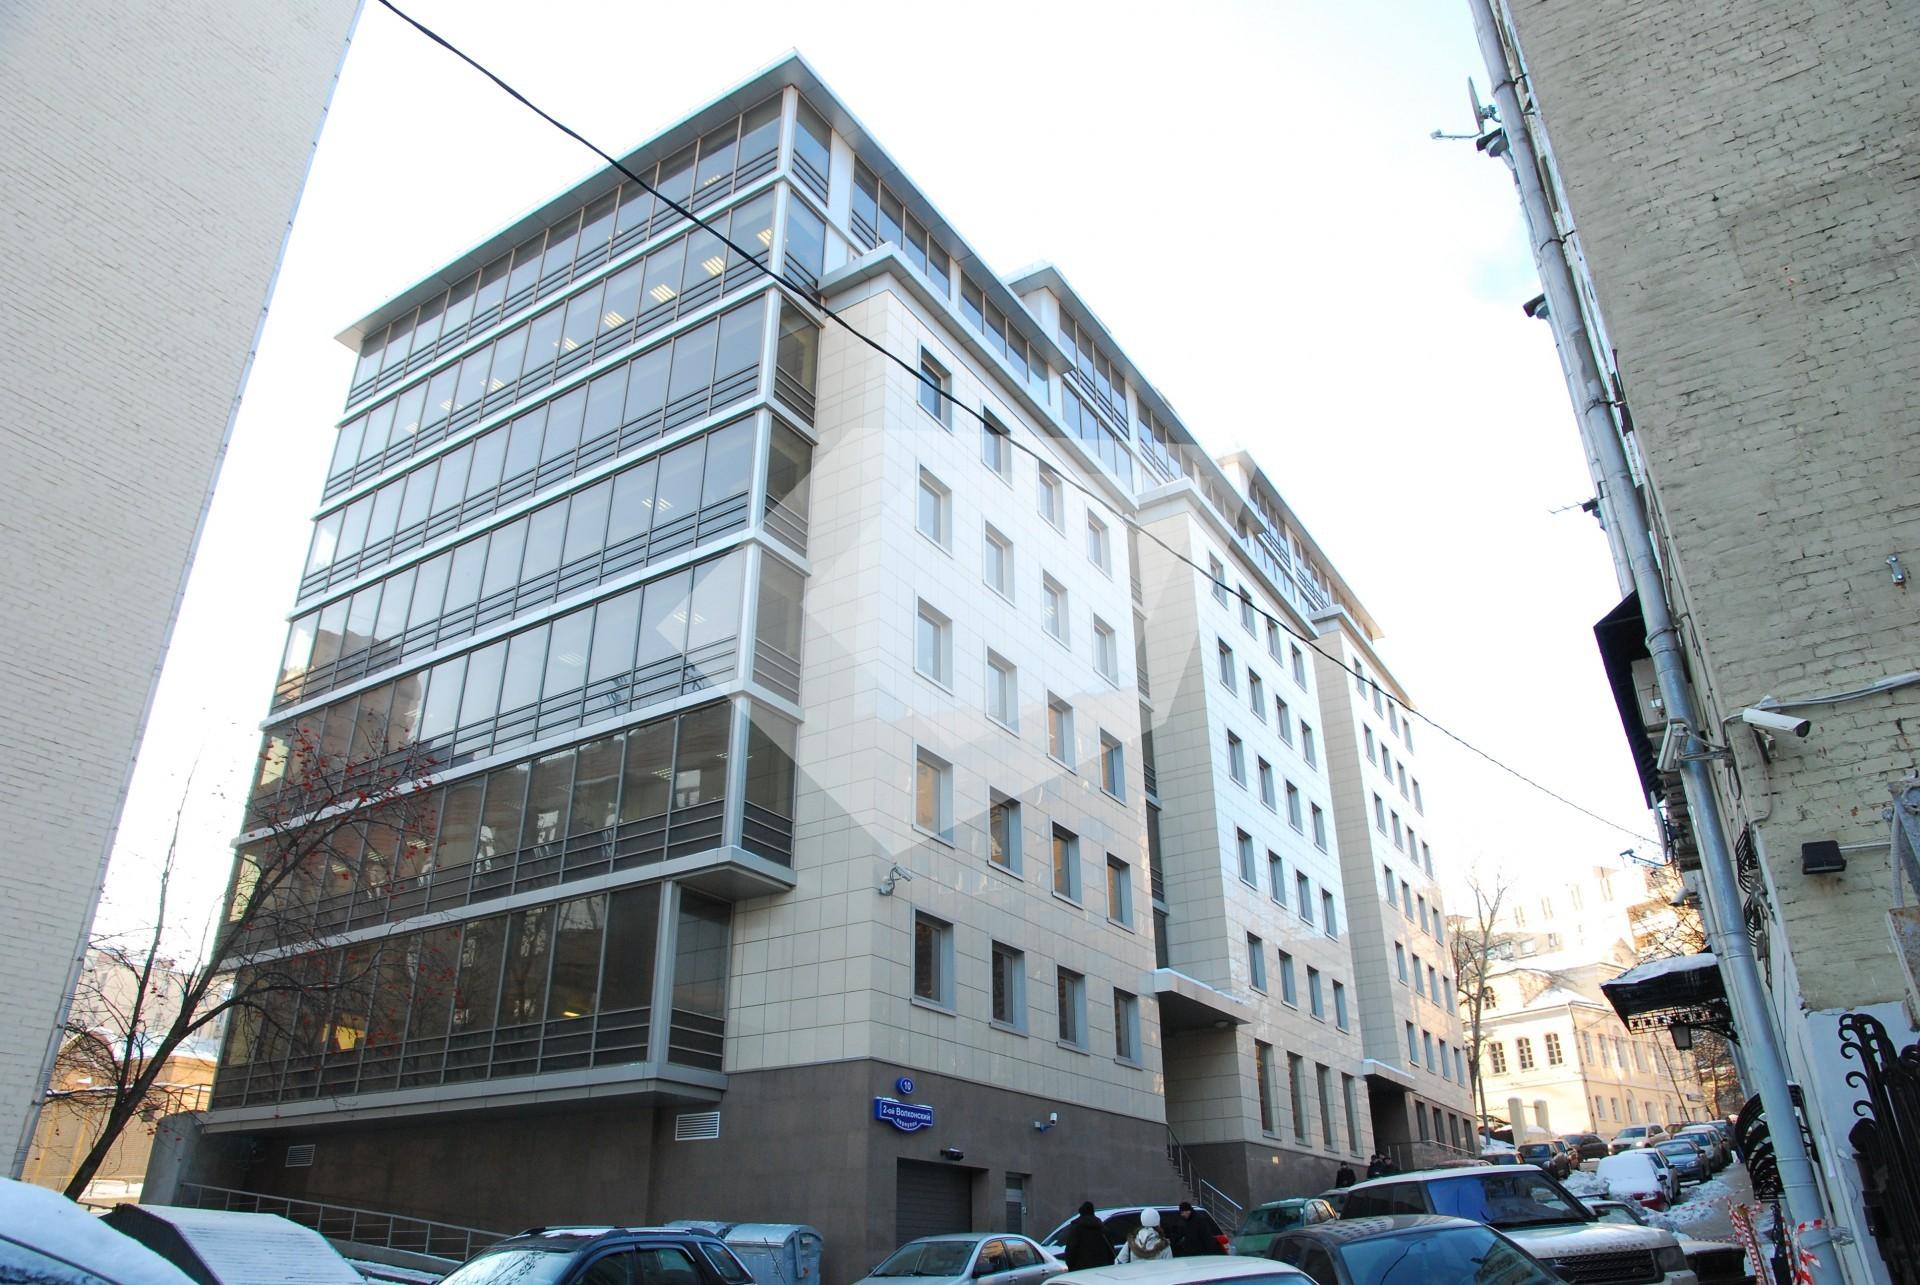 Арендовать офис Волконский 2-й переулок объявления Москва недвижимость коммерческой